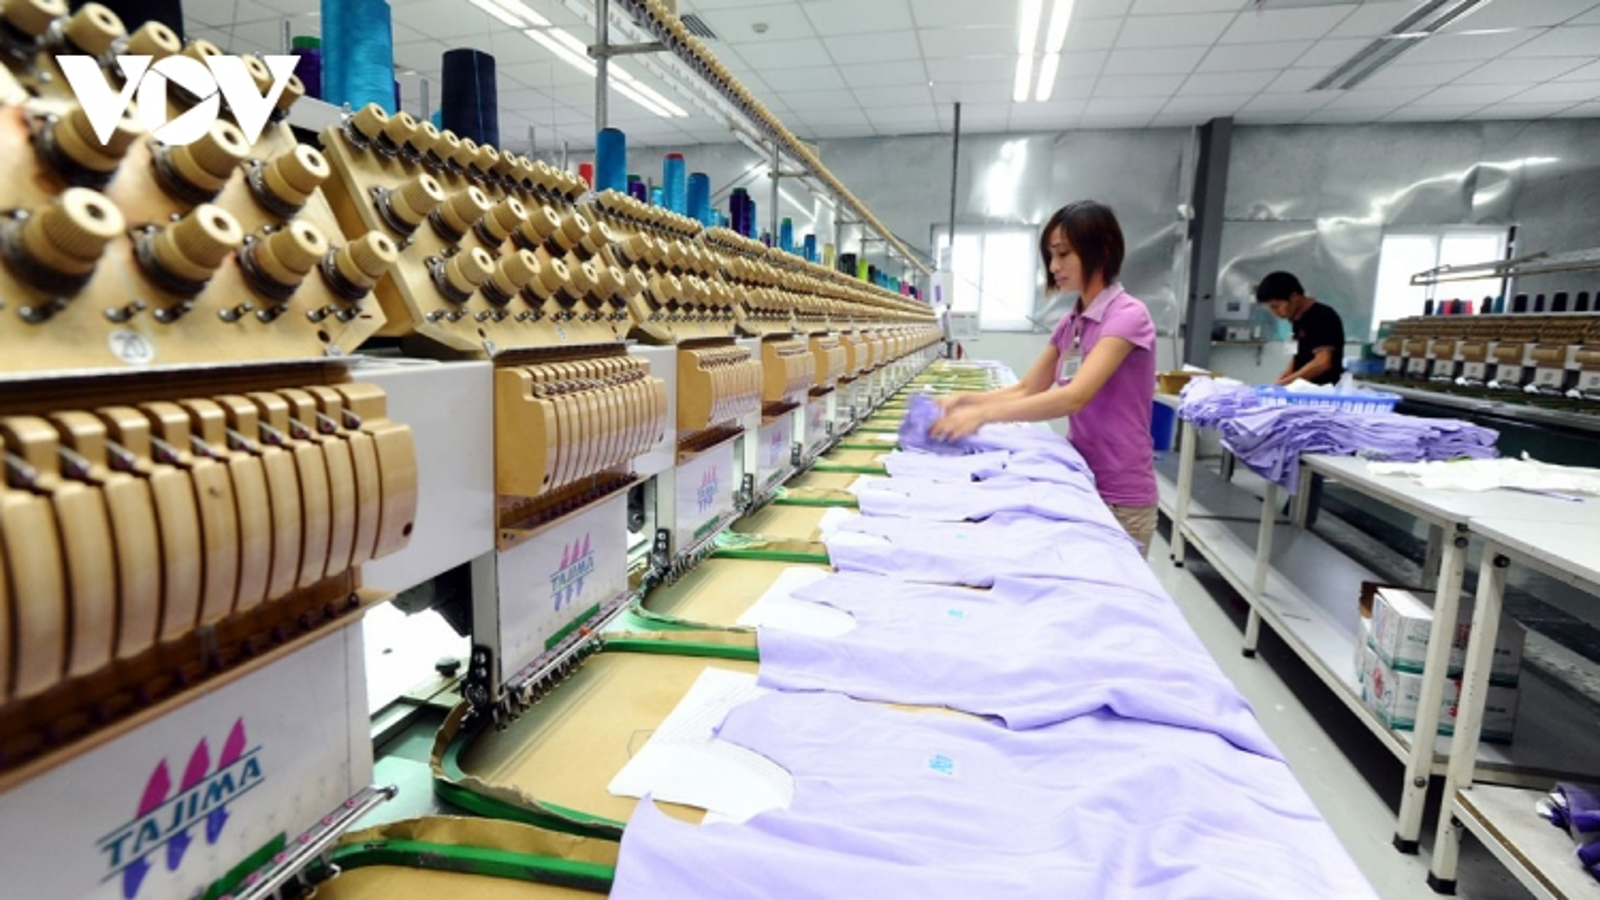 Dệt may Việt Nam hình thành chuỗi khép kín, tận dụng cơ hội từ EVFTA